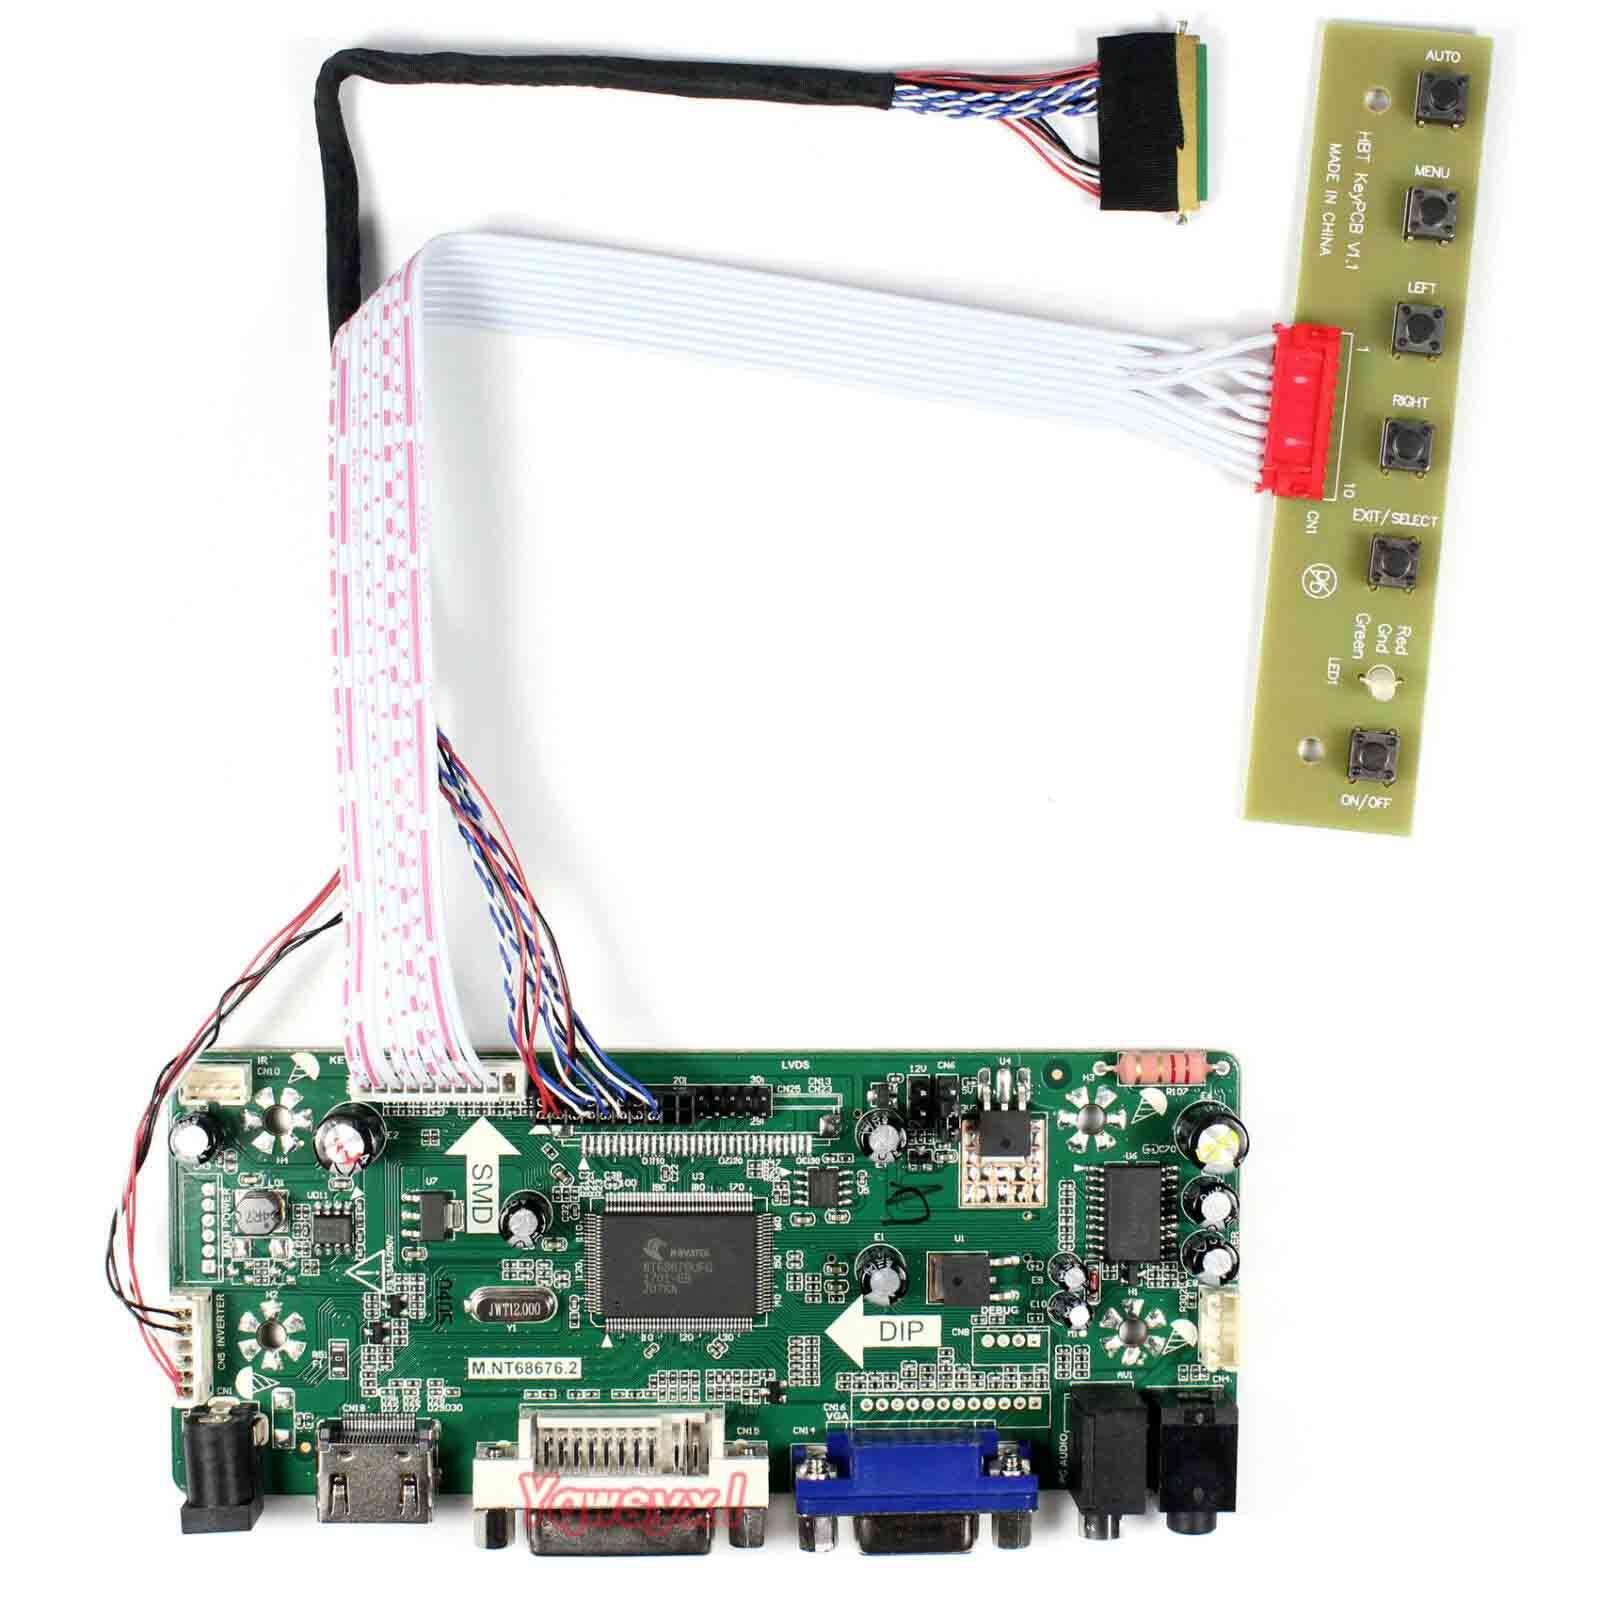 Yqwsyxl Control Board Monitor Kit For LTN156AT24  LTN156AT24-T01 HDMI+DVI+VGA LCD LED Screen Controller Board Driver